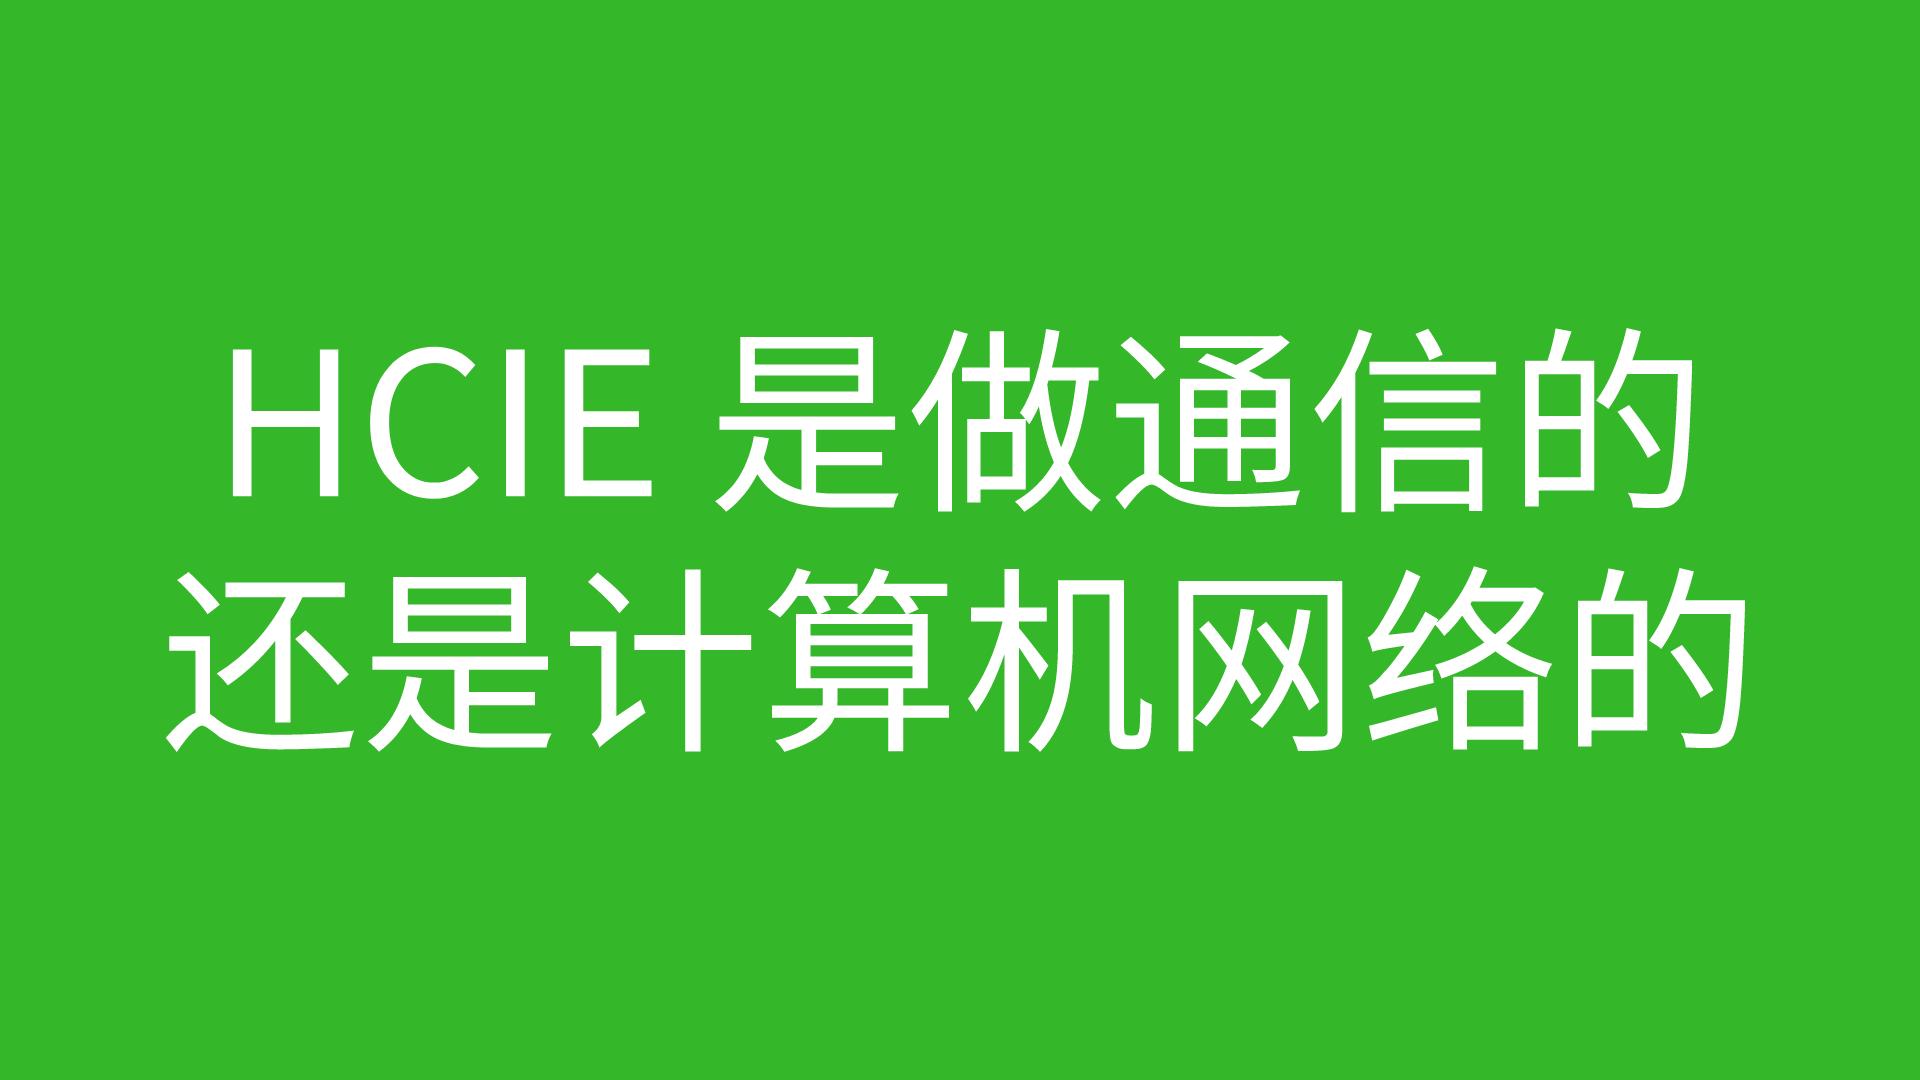 HCIE 是做通信的还是计算机网络的